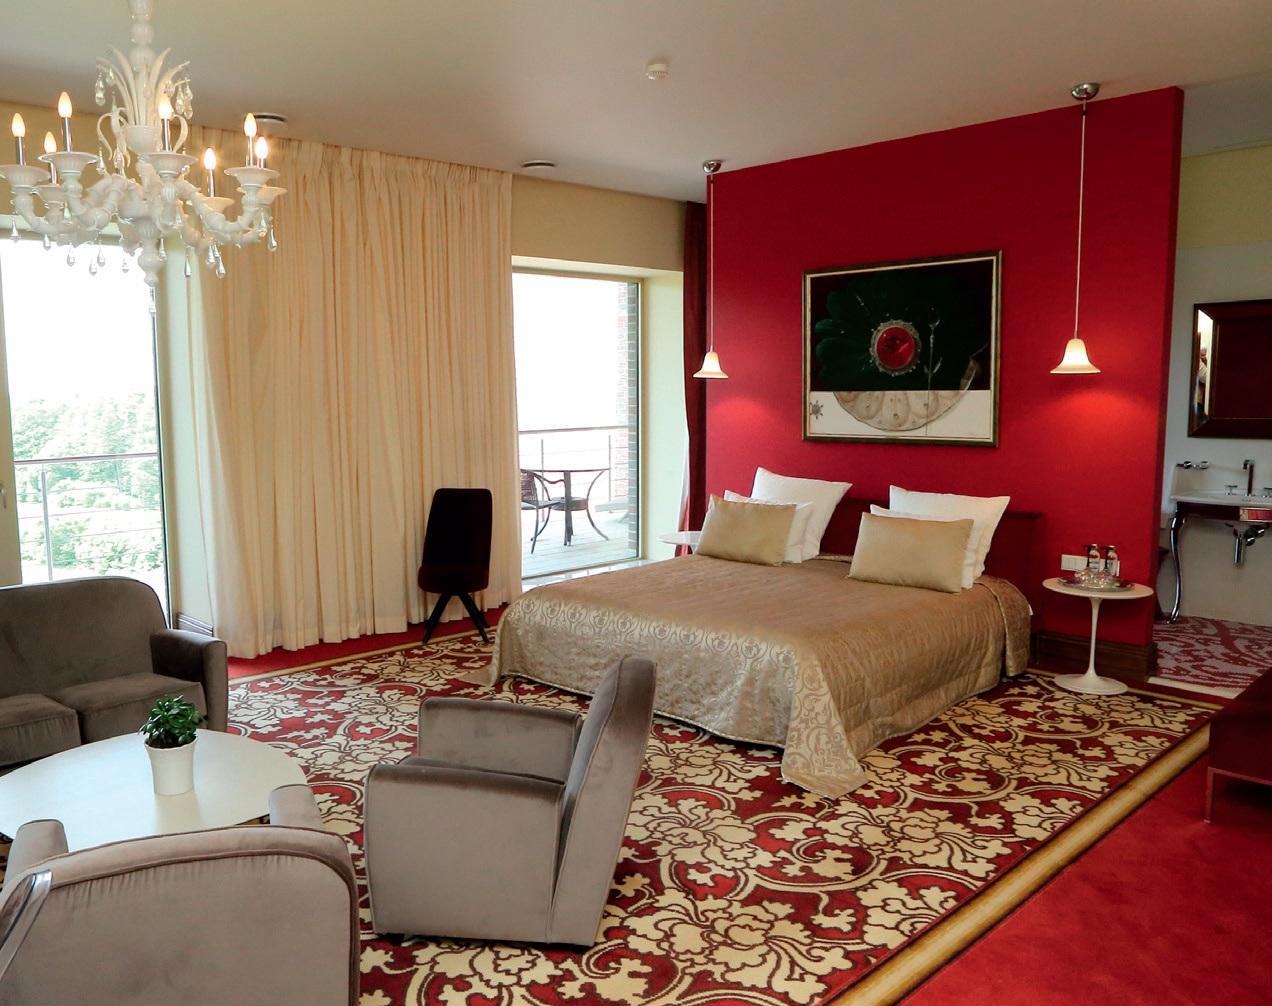 Liukso klasės apartamentų stiliaus individualumą pabrėžia prabangūs sodrių spalvų (aistringos raudonos ar romantiškos žalsvos) audiniai bei pritaikytas sienų dekoras ir interjero akcentai